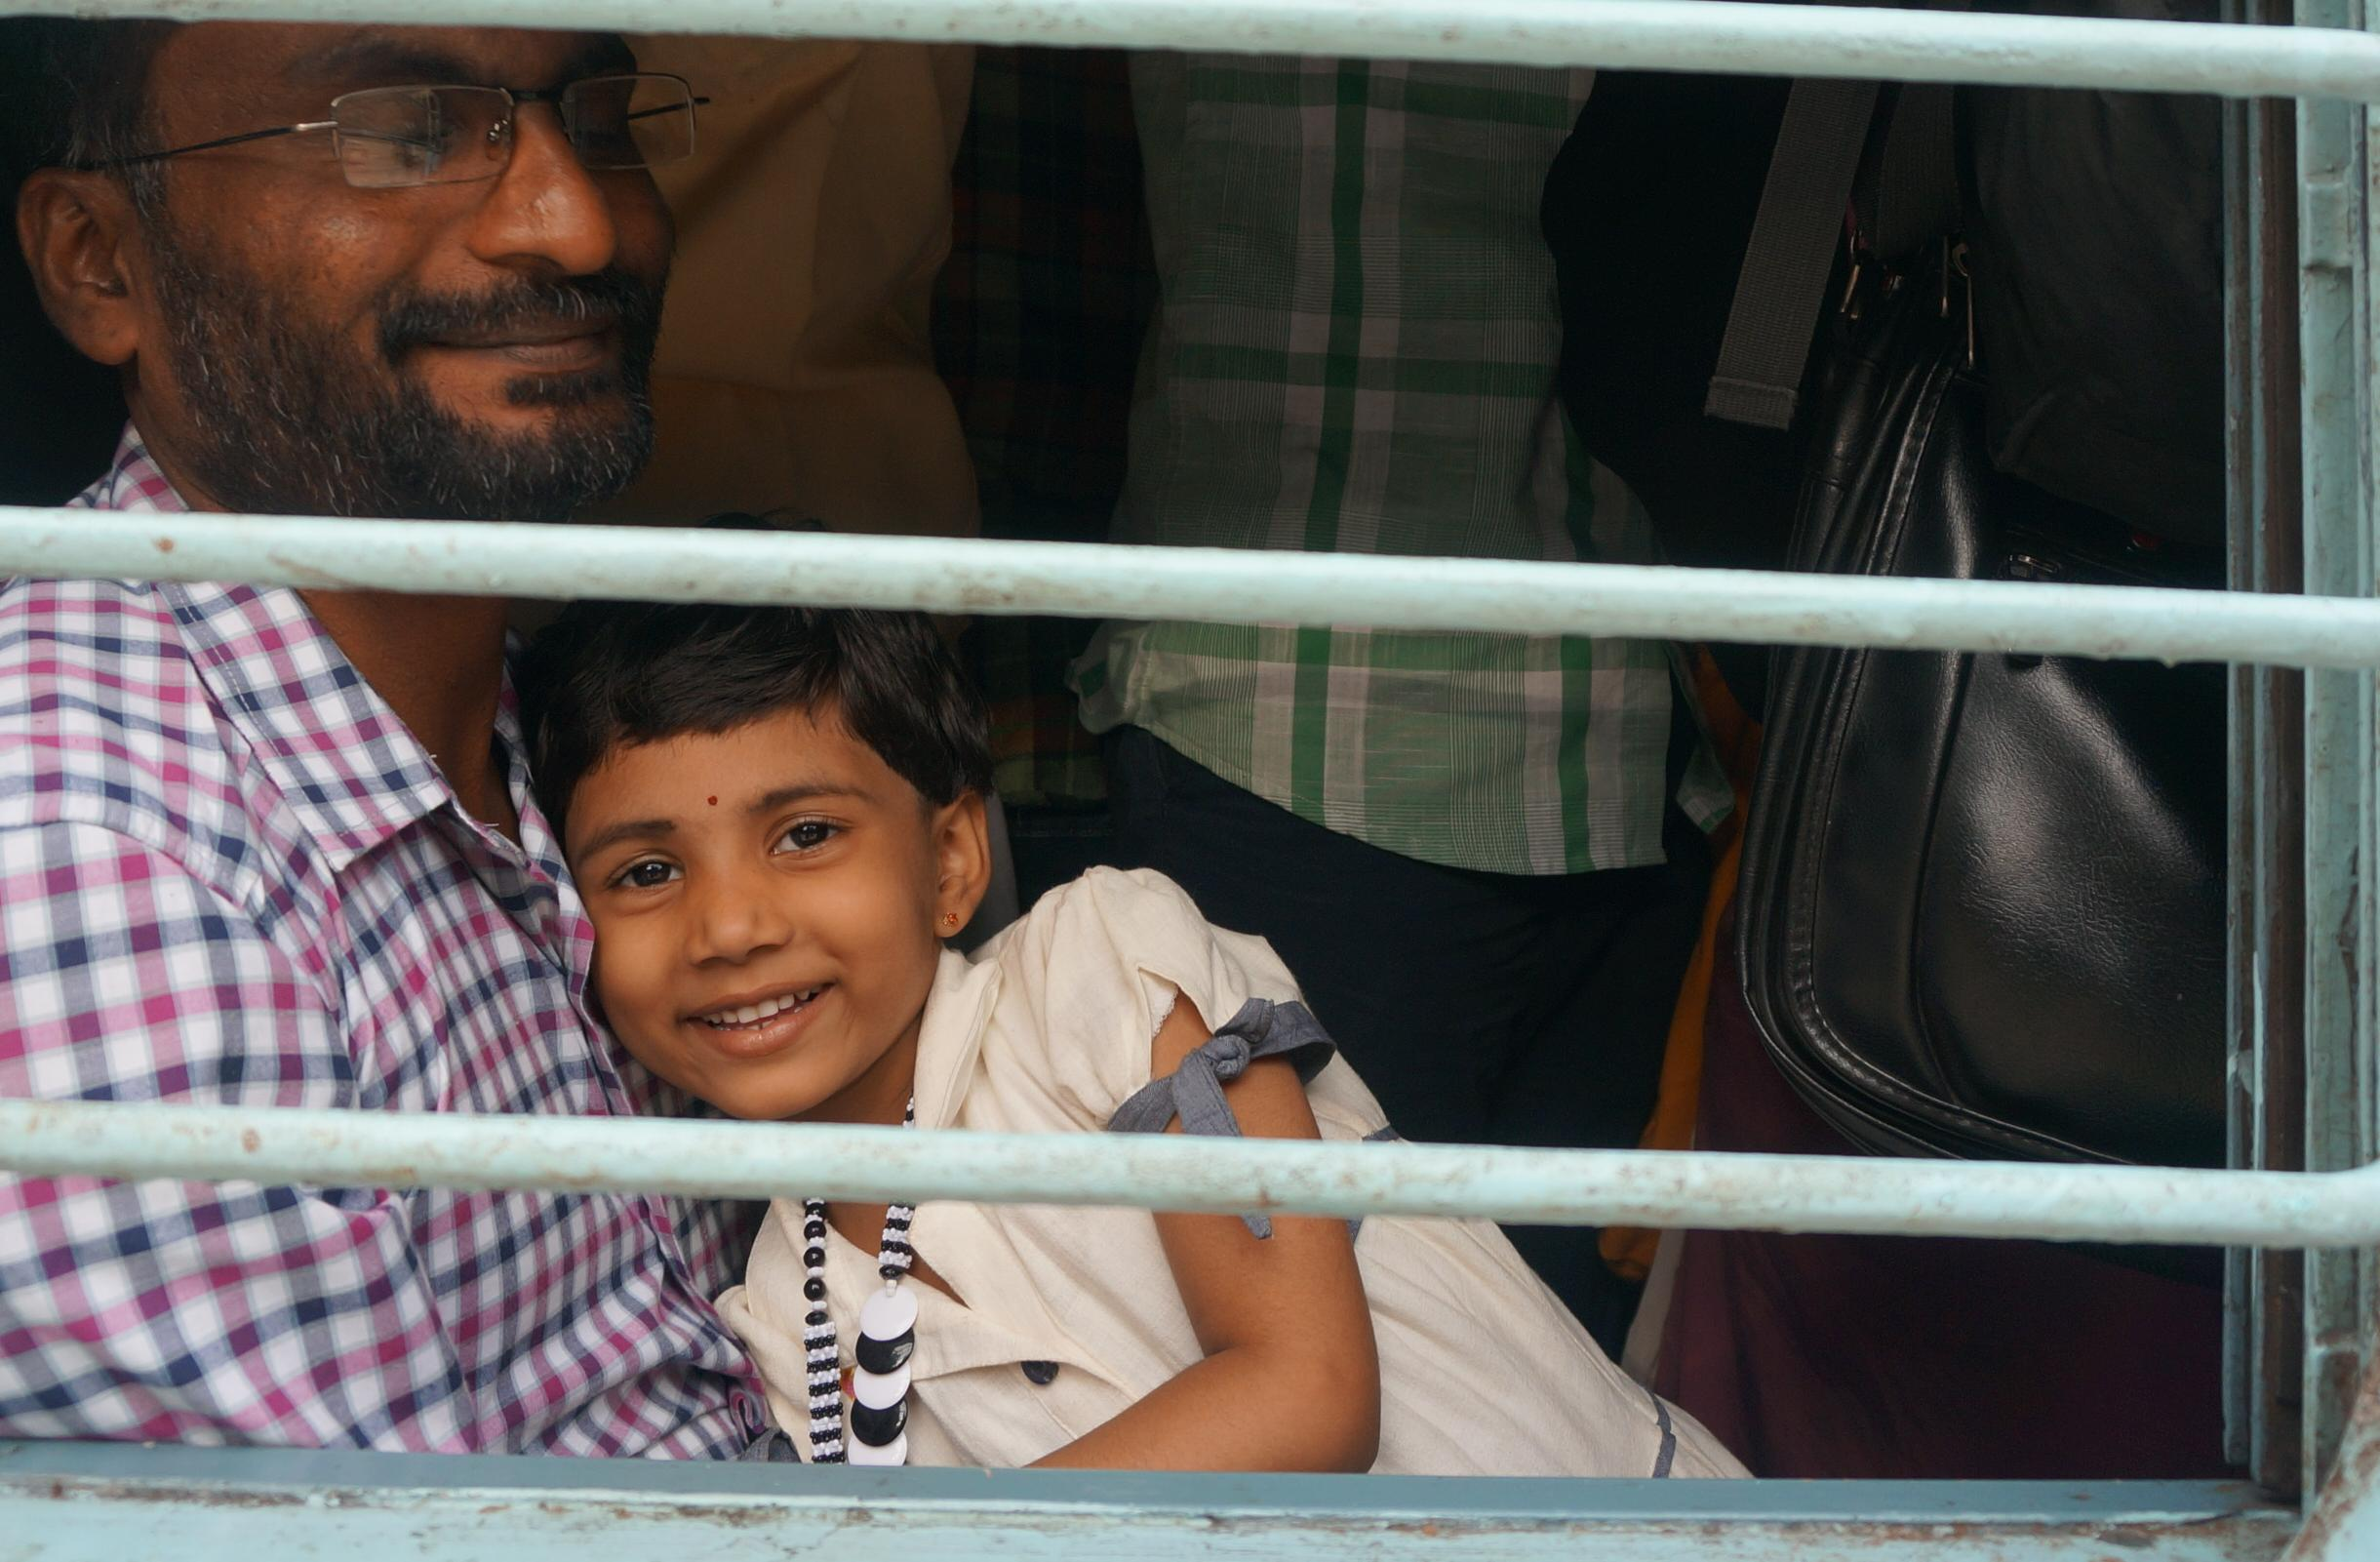 Jedyny biały człowiek w indyjskim pociągu. Nocna podróż z nieba do piekła i z powrotem